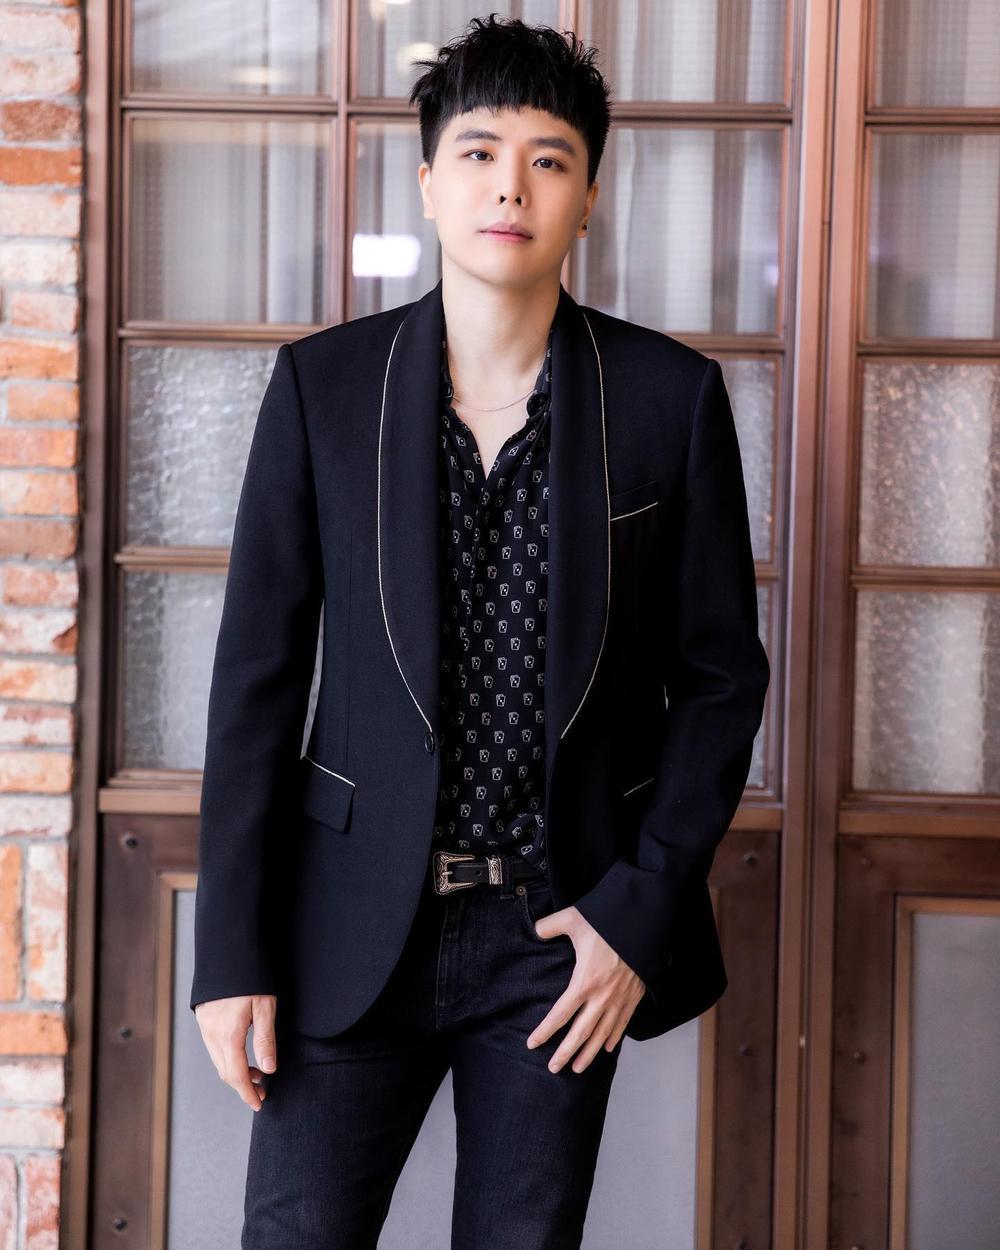 Trịnh Thăng Bình dời lịch ra MV, thương xót trước sự ra đi đột ngột của nghệ sĩ Chí Tài Ảnh 7